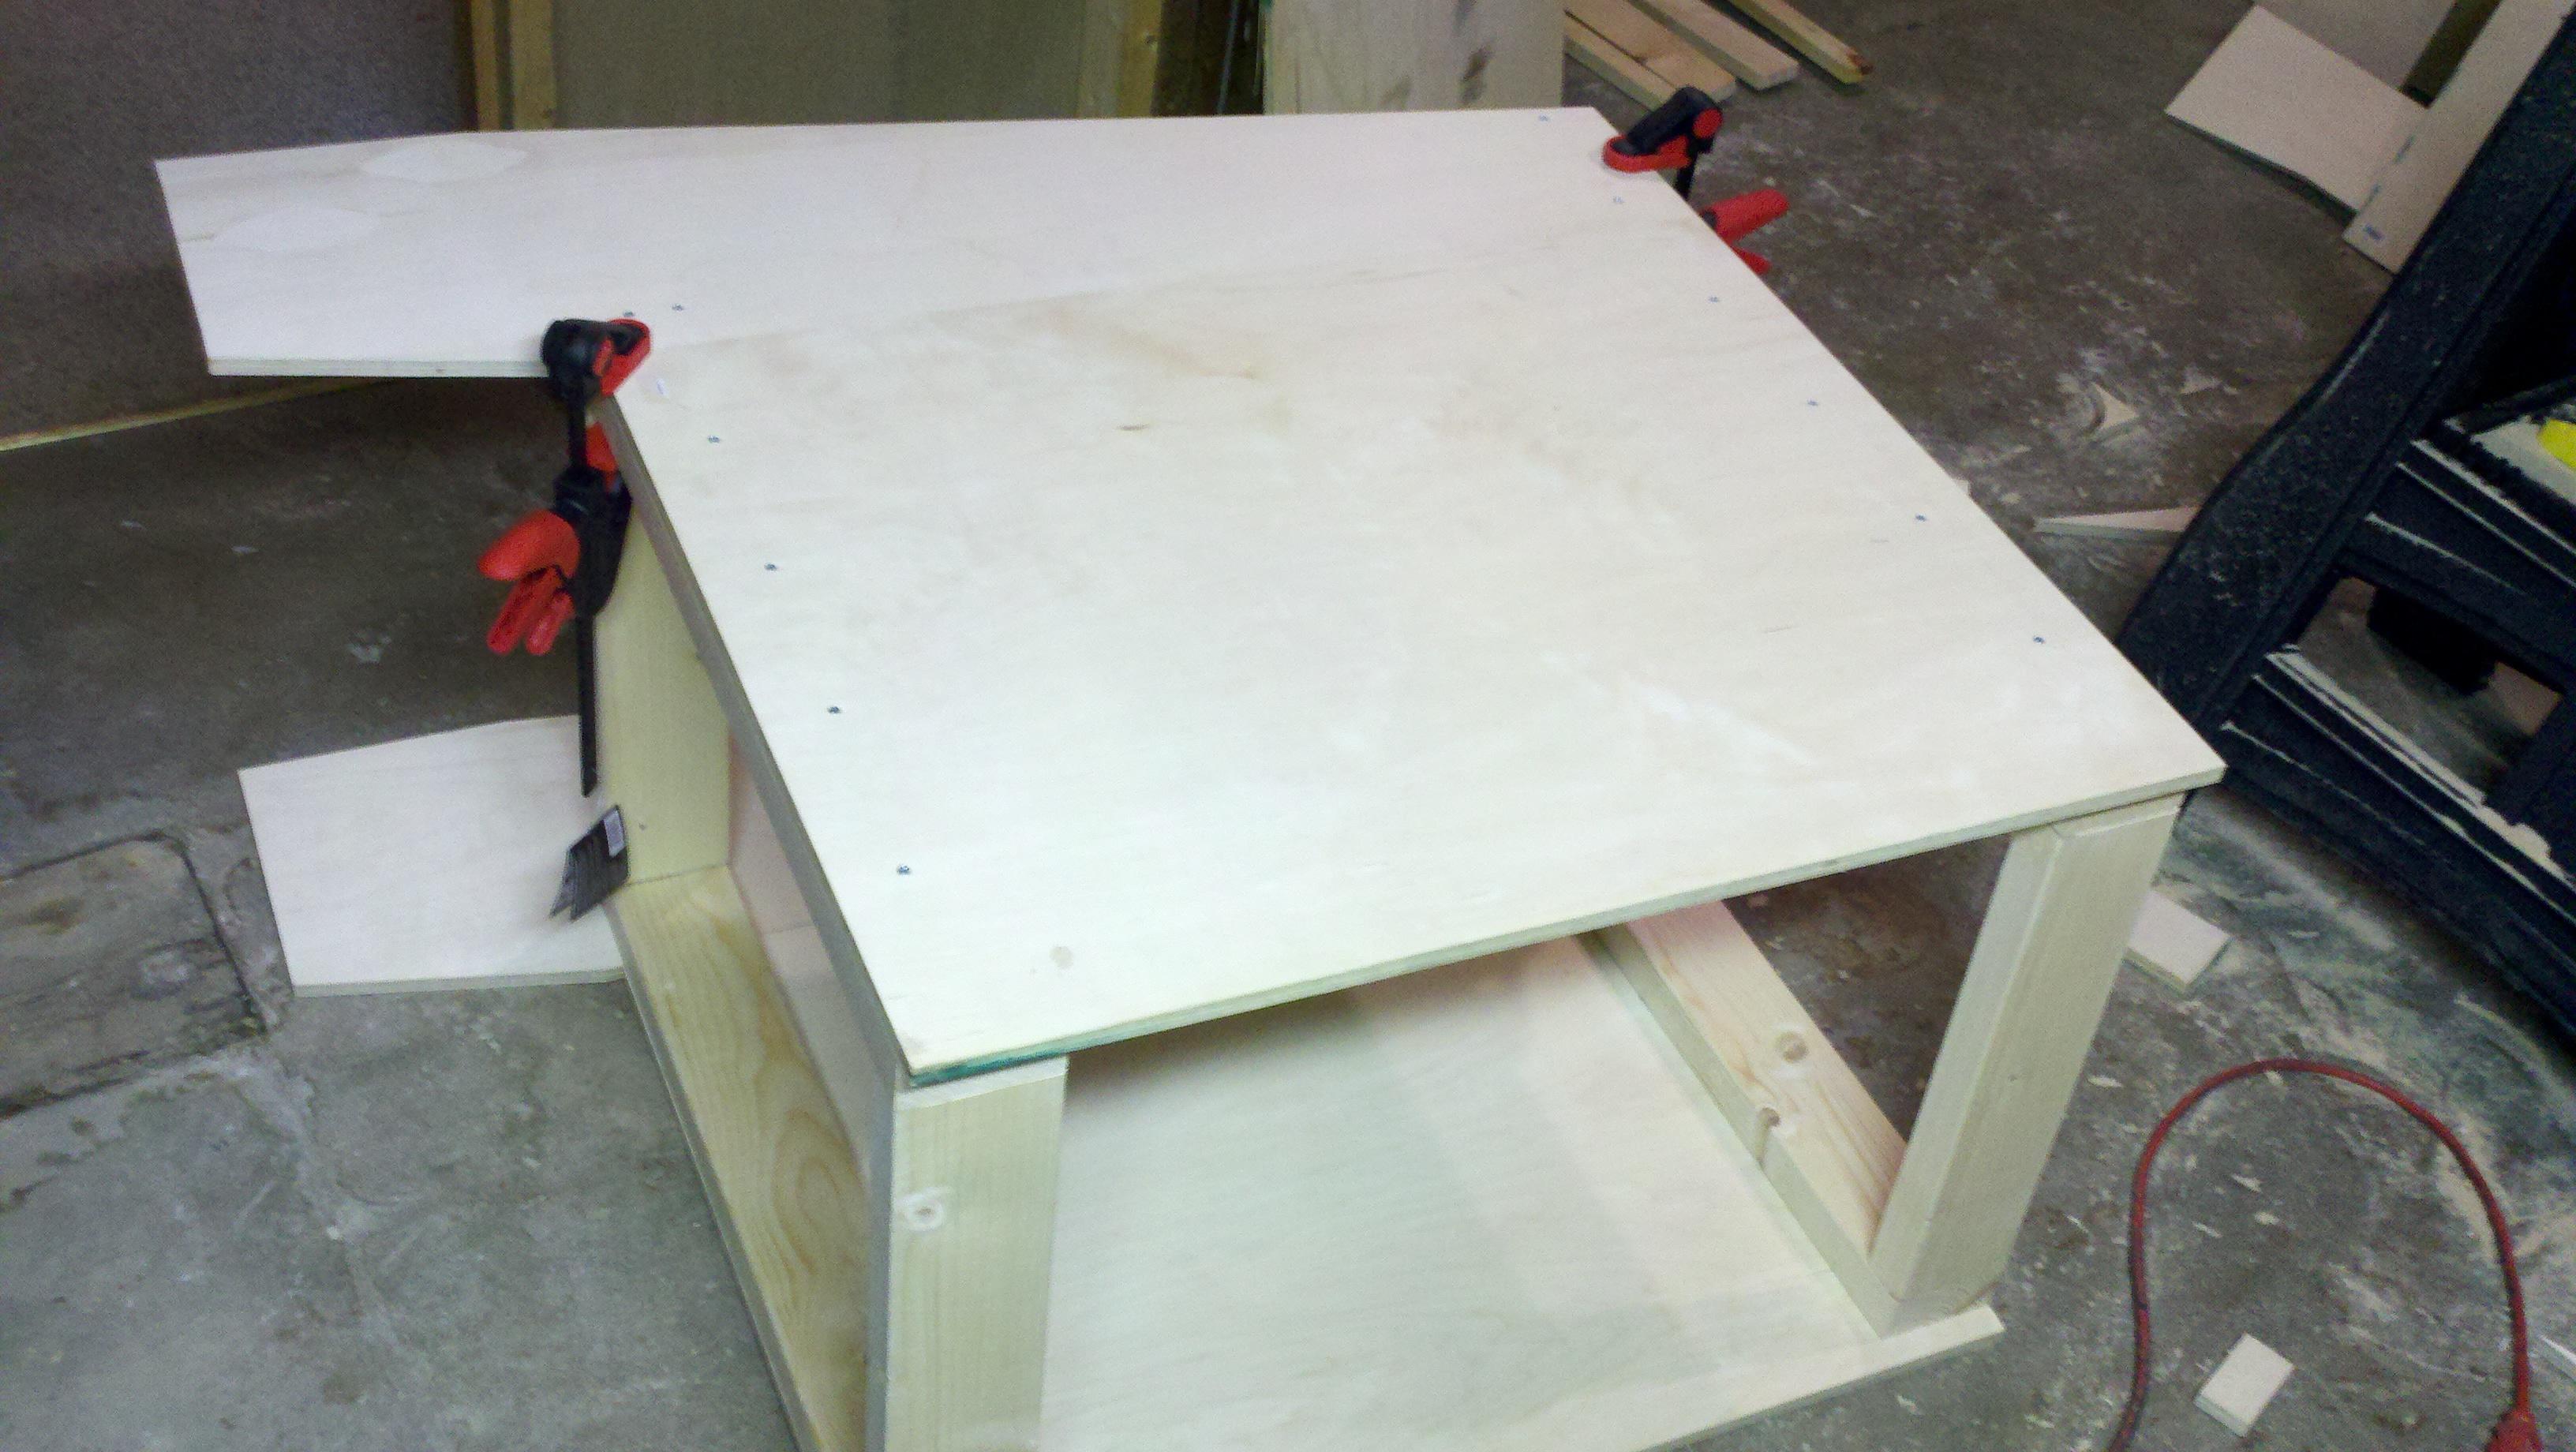 New Studio Desk Build Inspired By Aaroneous Gearslutz